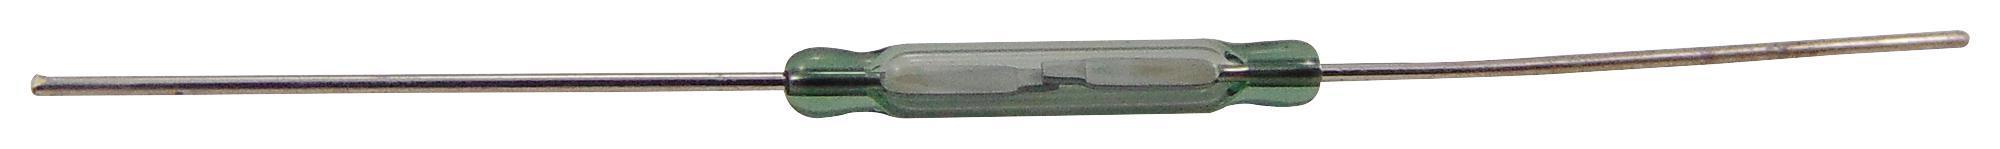 RI-27A